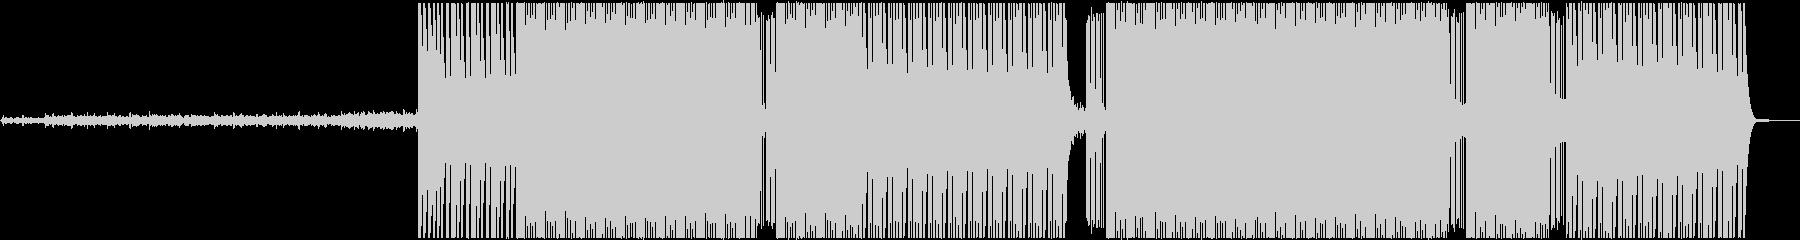 テンションとサスペンス。ピアノとオ...の未再生の波形